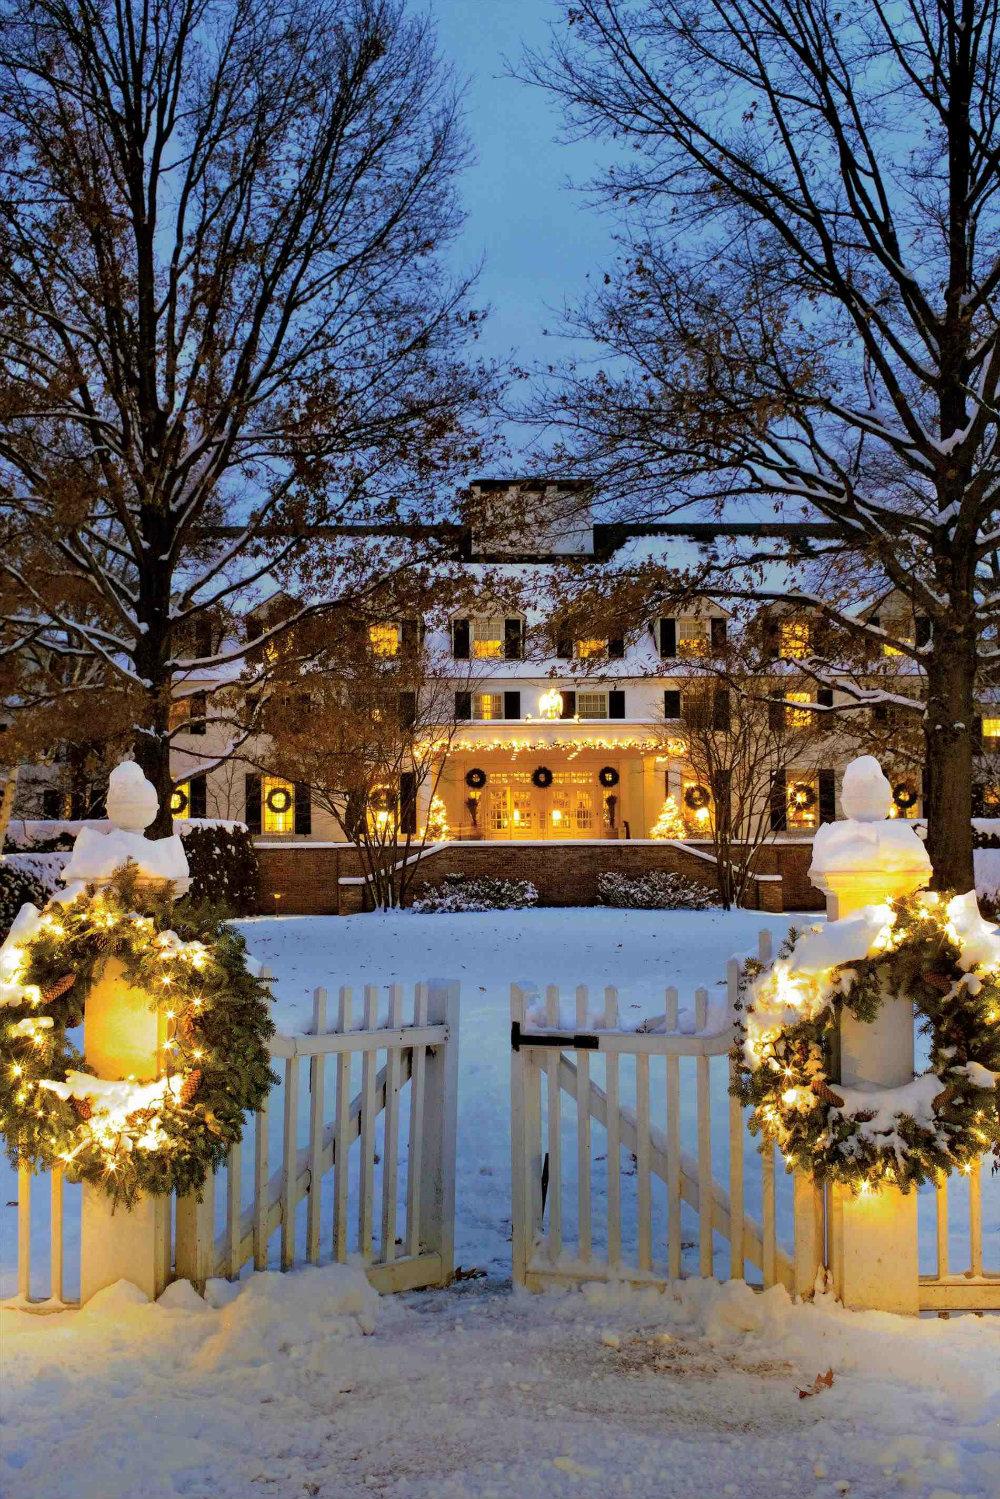 5 Magical Christmas Lighting Ideas 05 Christmas lighting 5 Magical Christmas Lighting Ideas 5 Magical Christmas Lighting Ideas 05